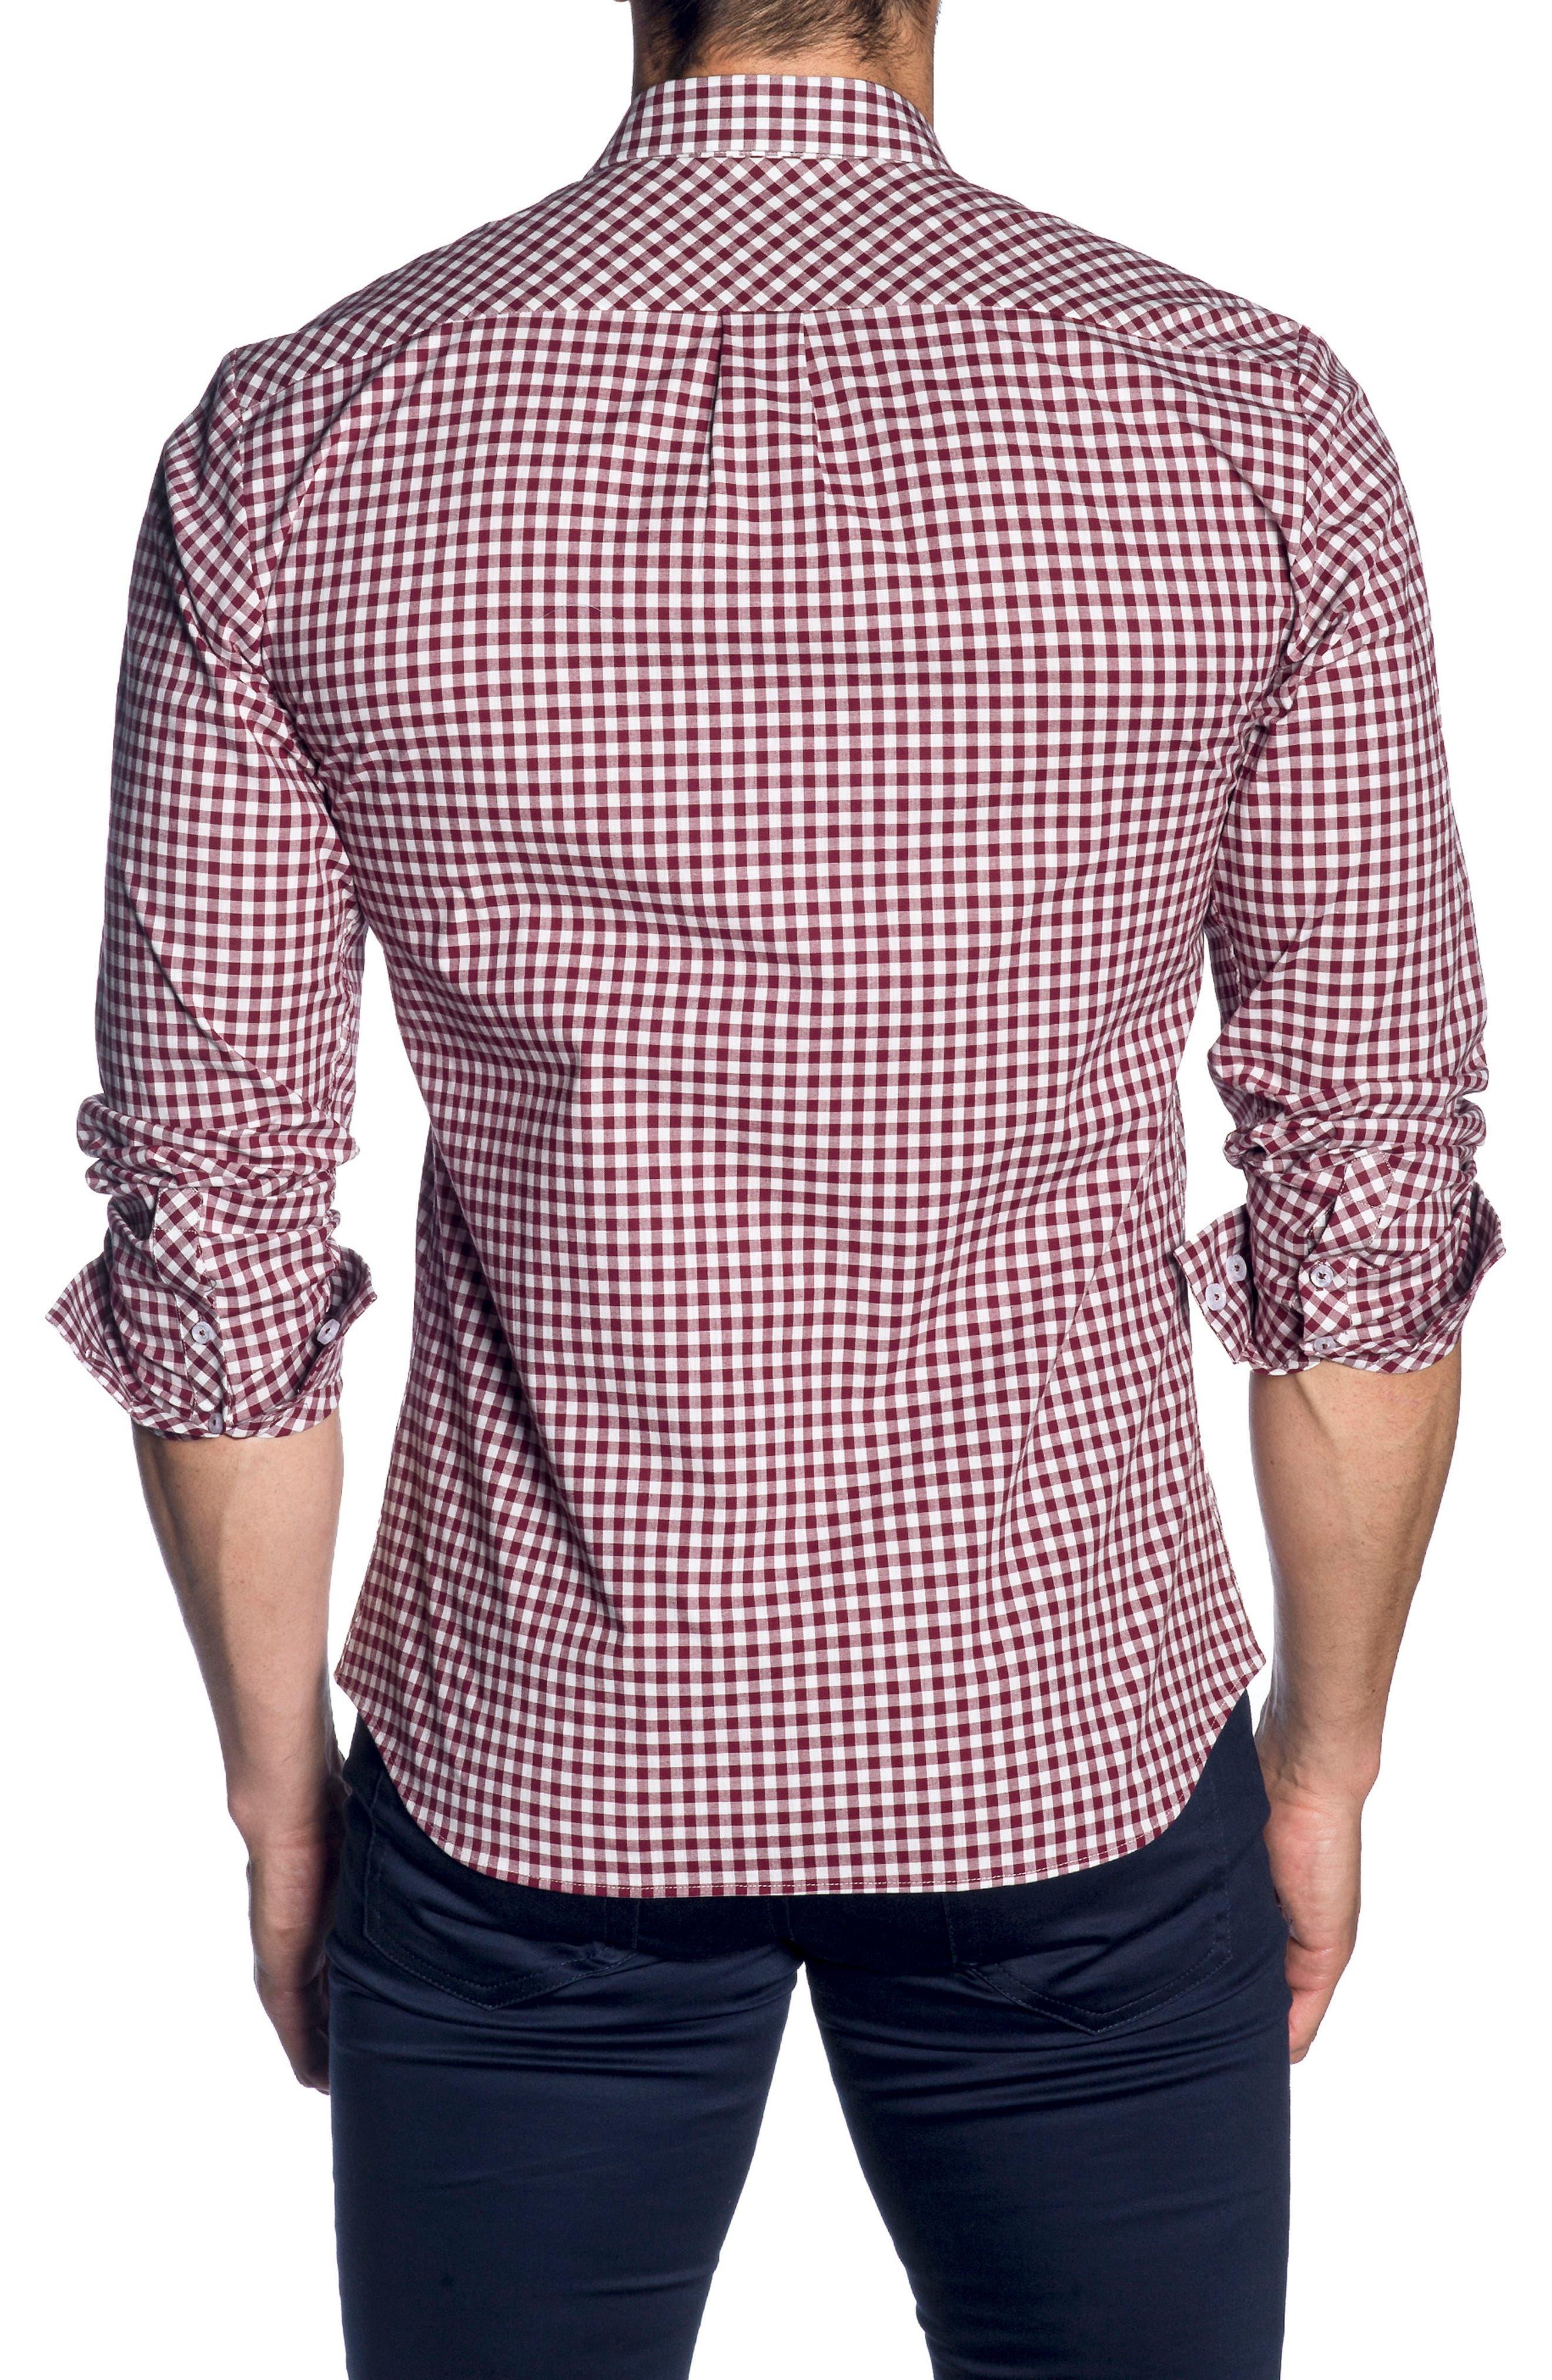 Trim Fit Sport Shirt,                             Alternate thumbnail 2, color,                             Heather Grey Bordeaux Check